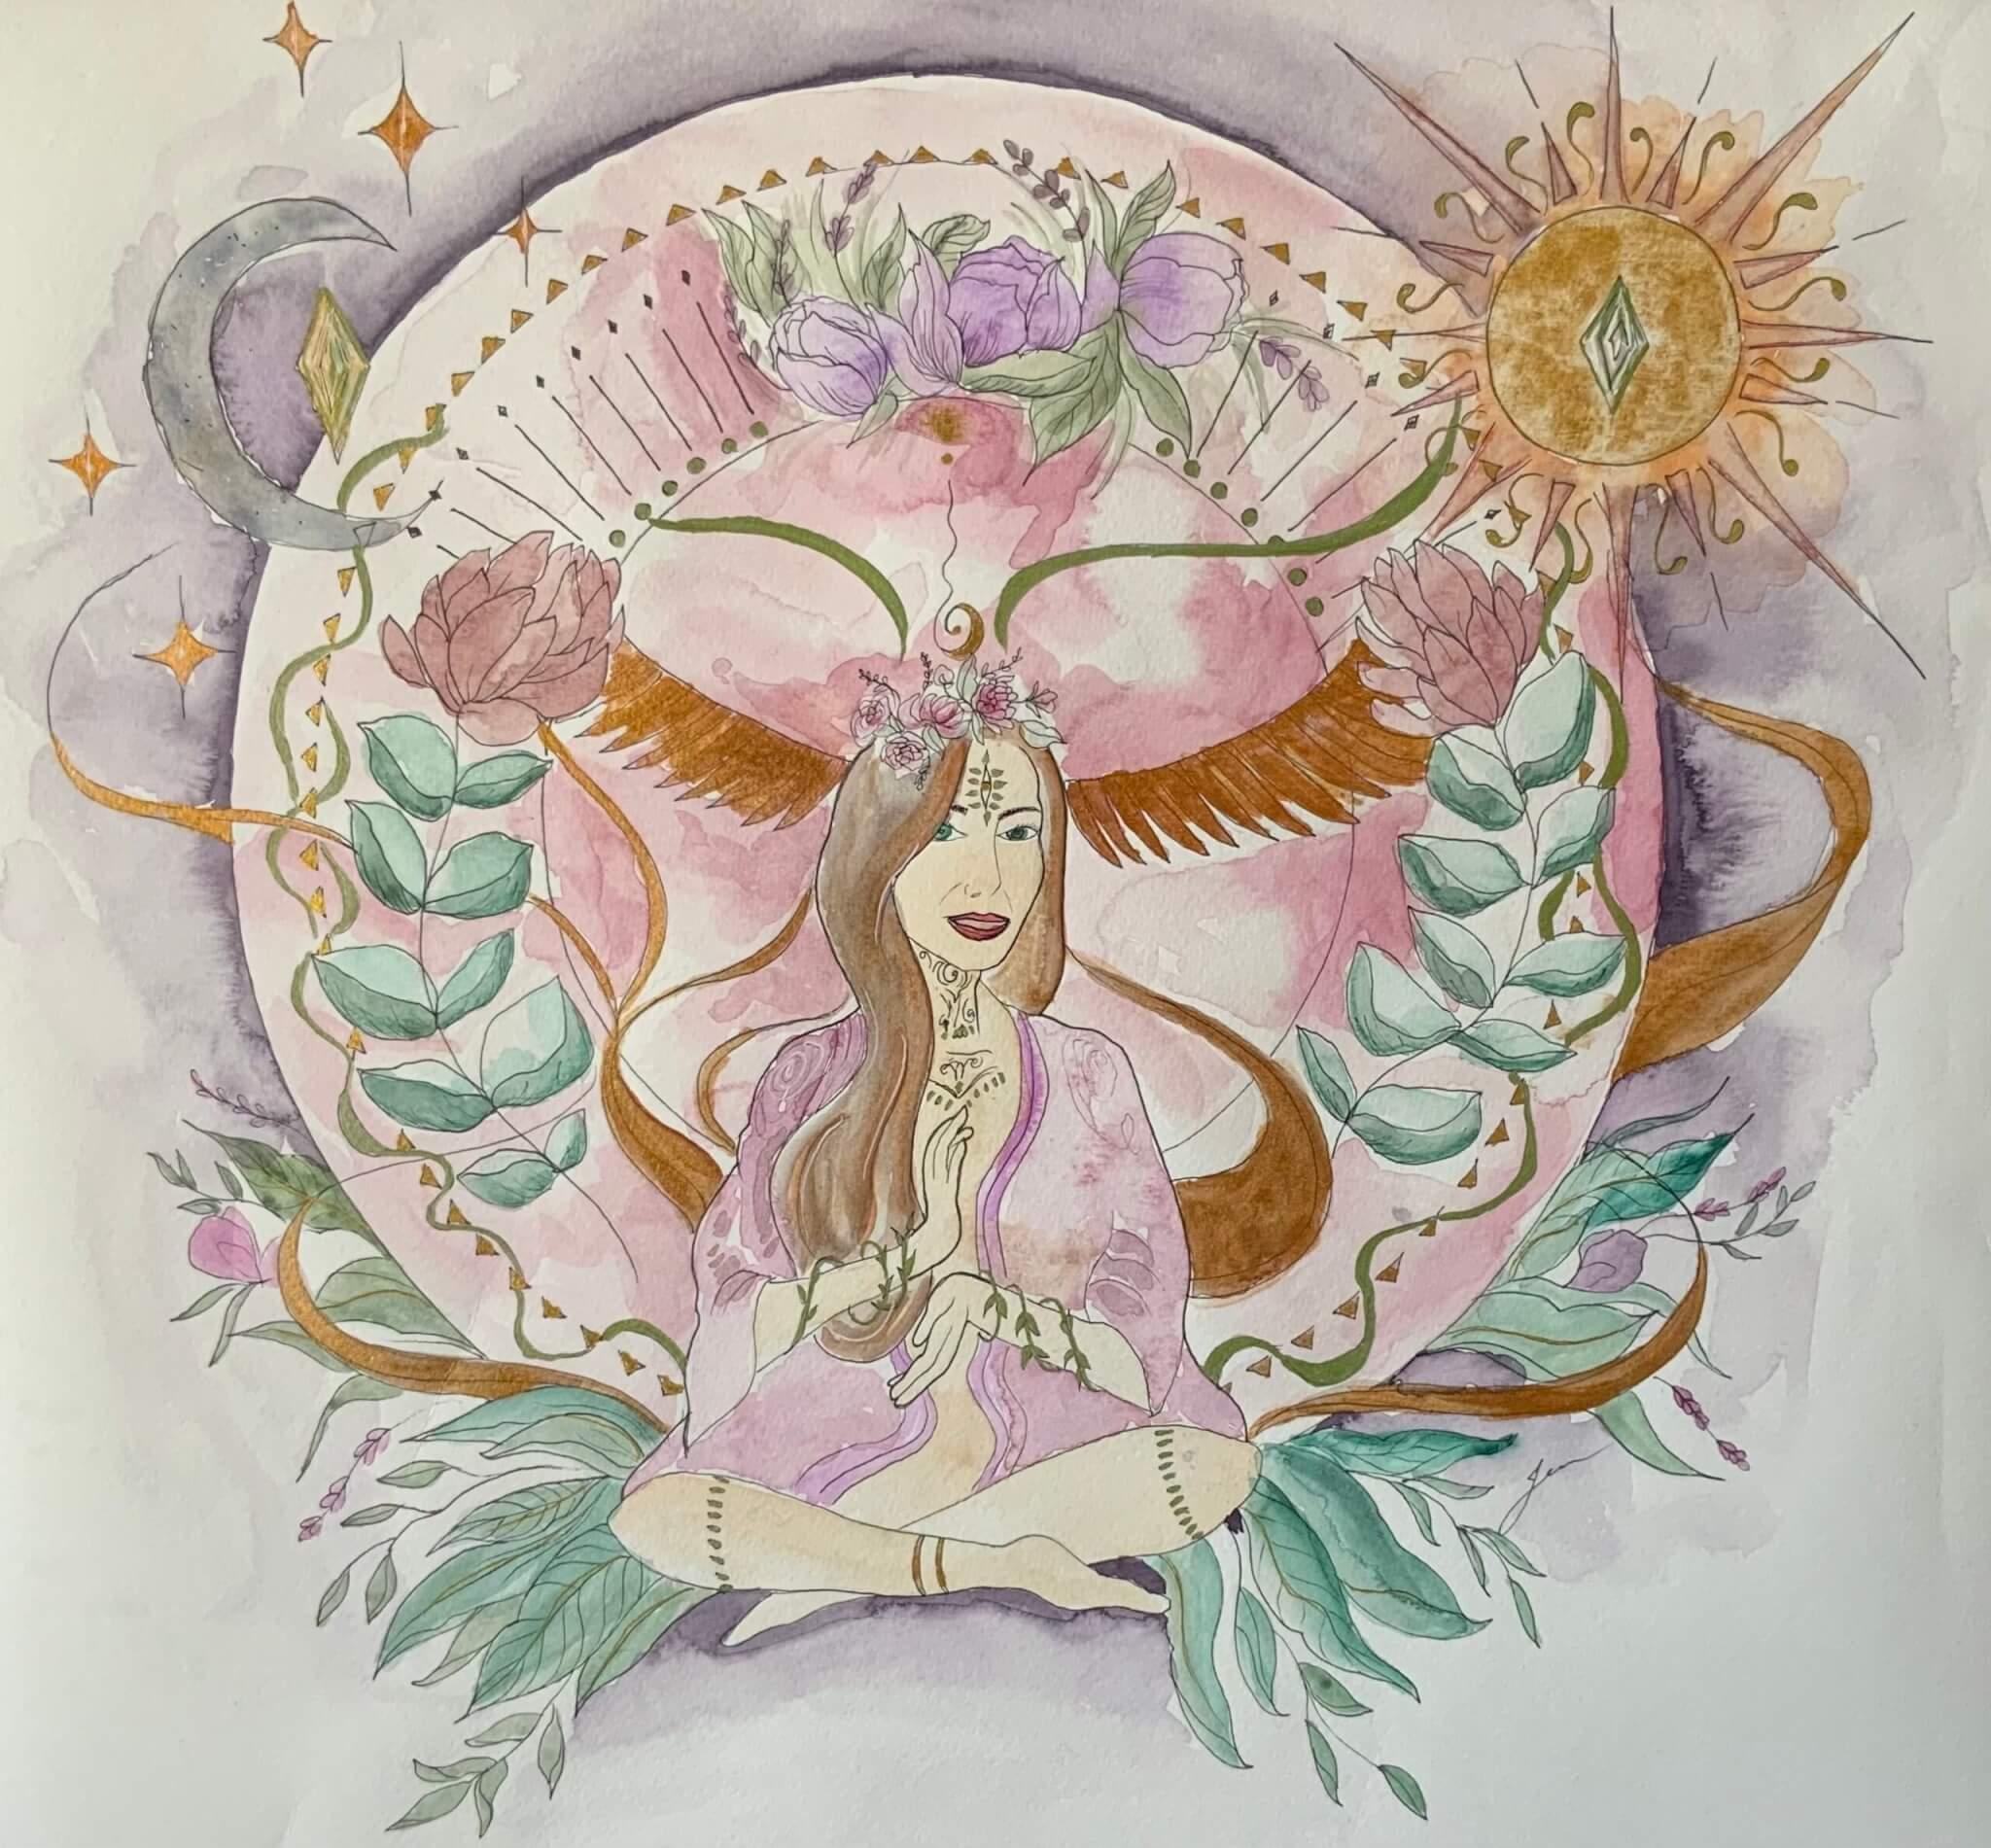 Oeuvre aquarelle d'une femme bohème assise les mains au coeur avec lune et soleil et plusieurs éléments décoratifs